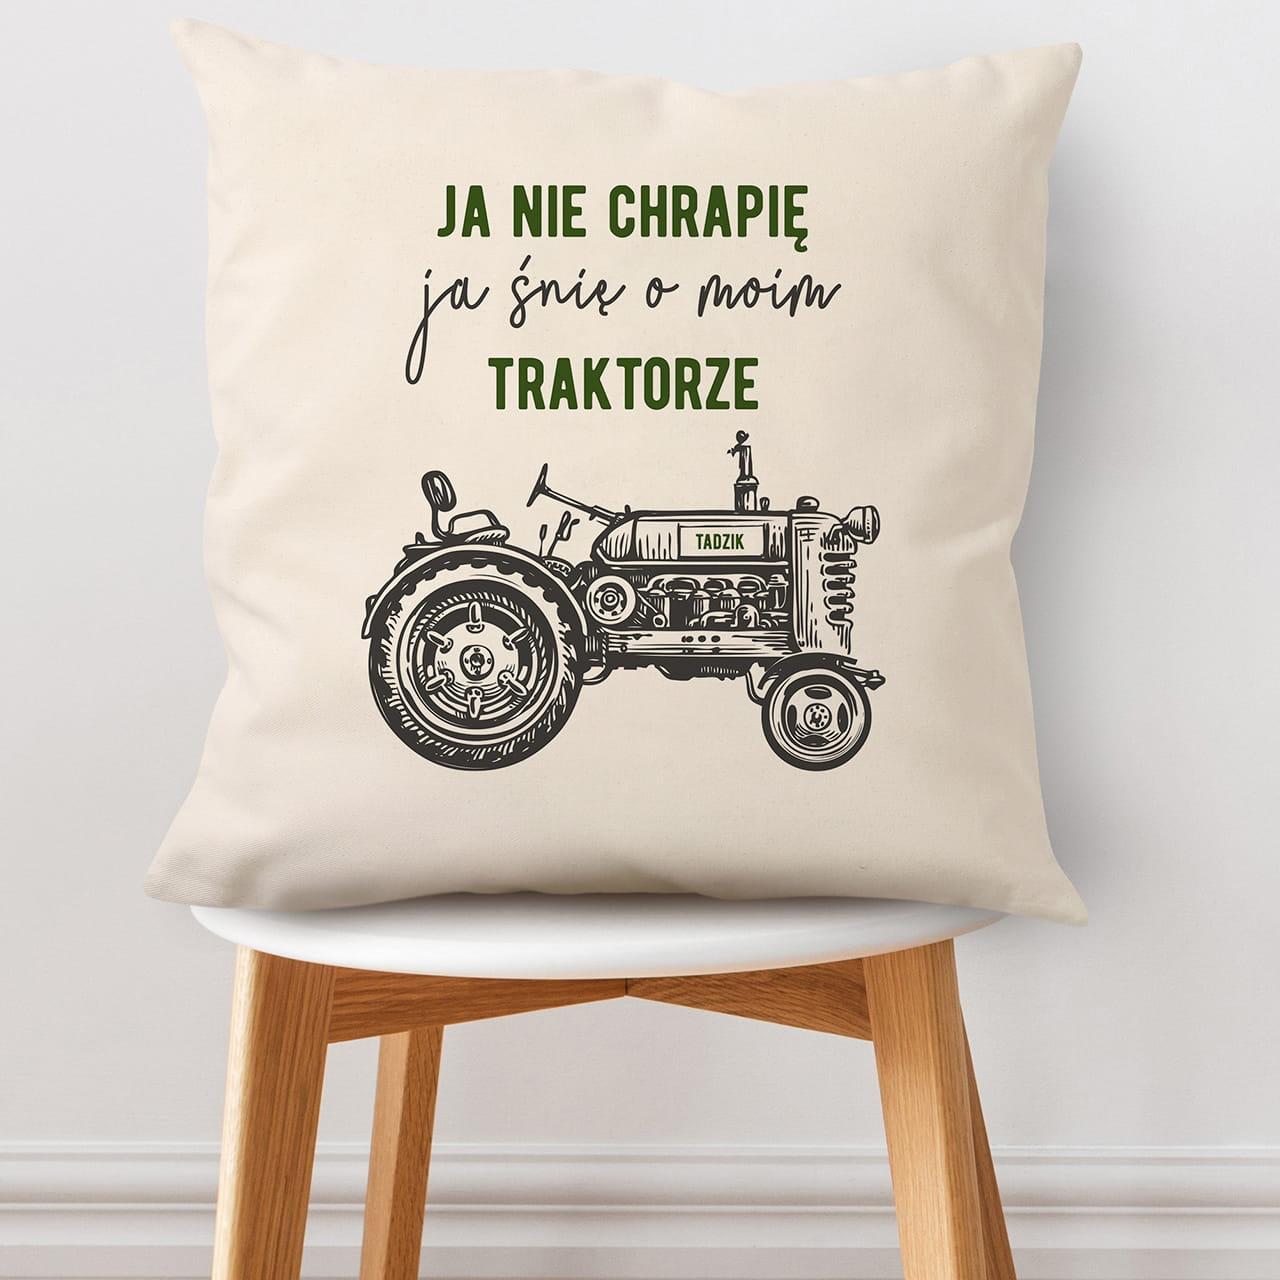 Poduszka to miły prezent dla rolnika